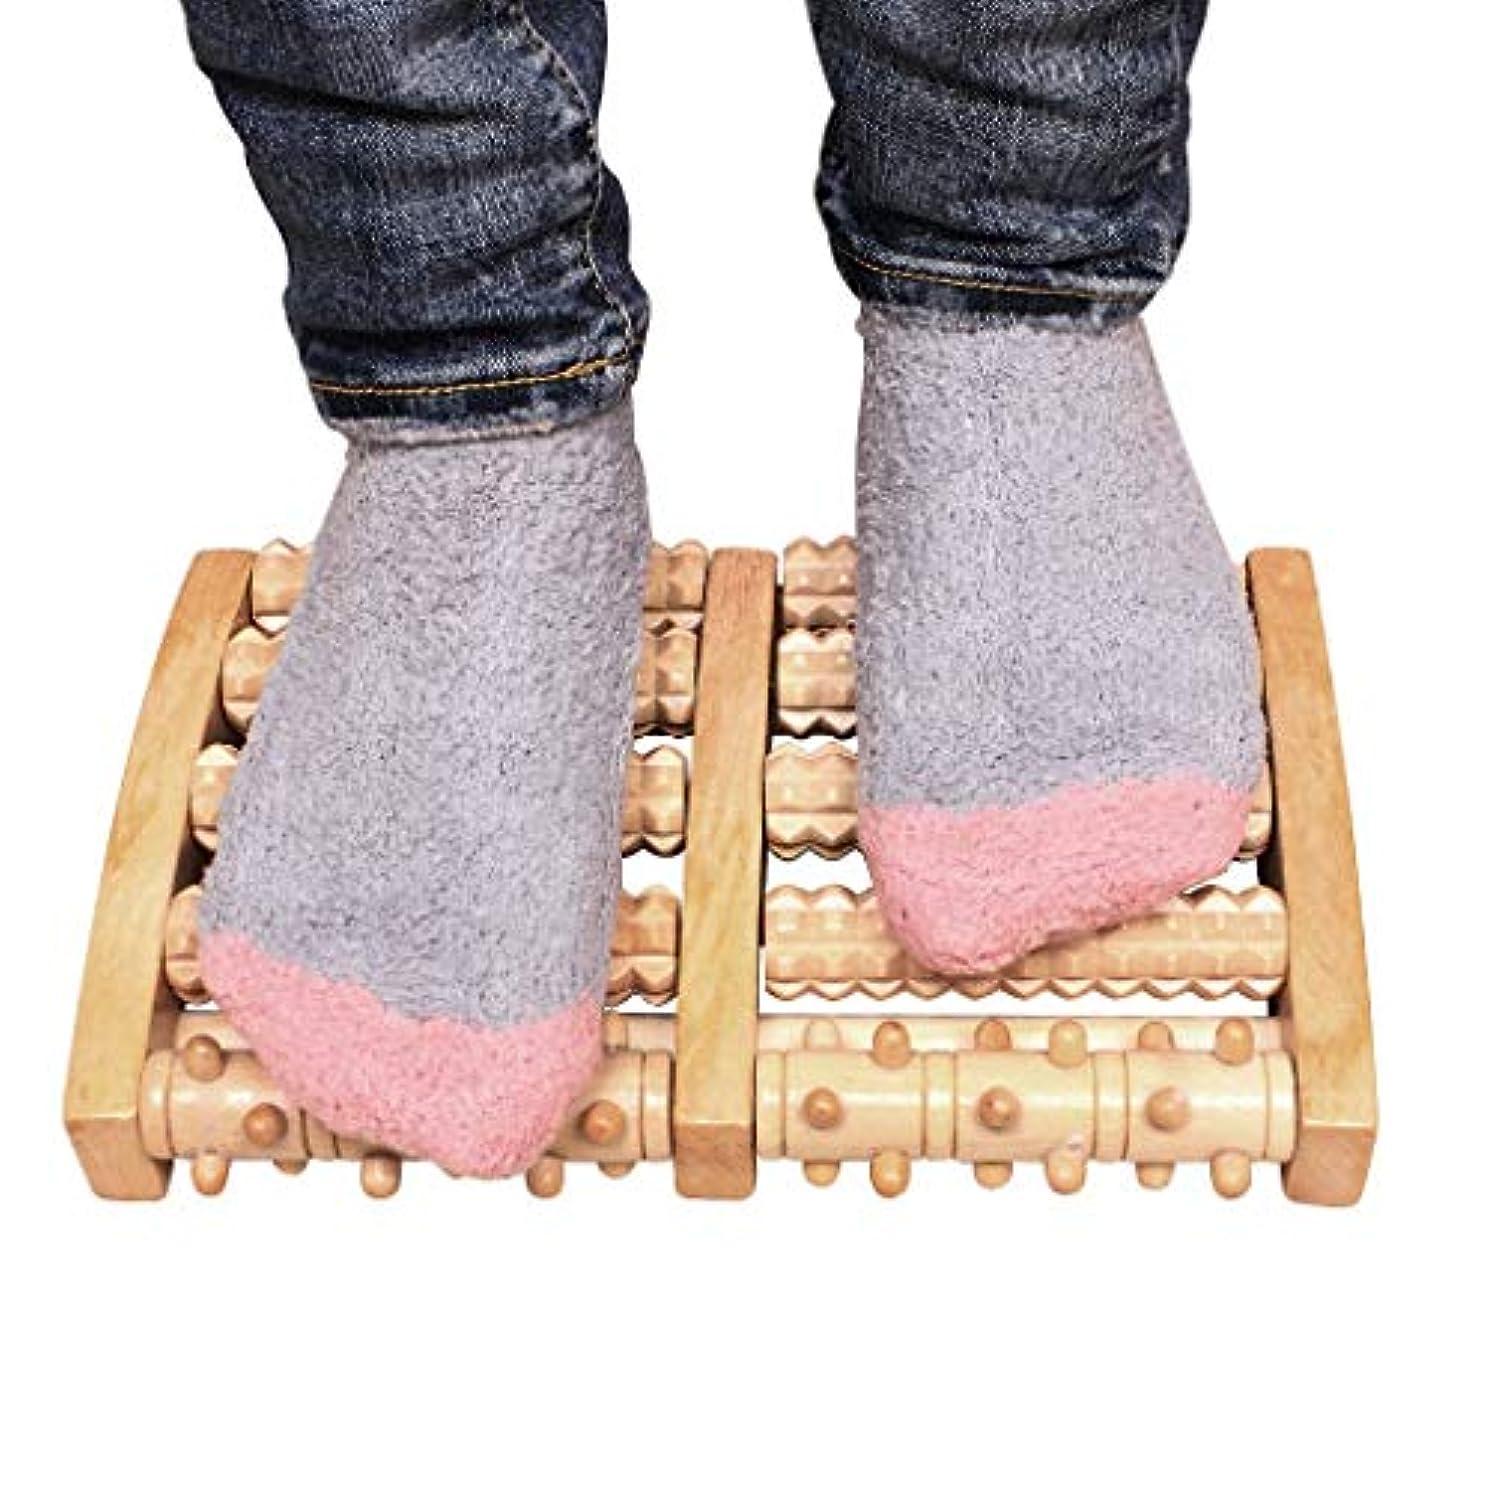 ユーモア北方説明的木の二重足のマッサージャー、足底筋膜炎のためのローラーの痛みの軽減治癒拍車ディープティッシュ指圧フット&ヒールマッサージャー